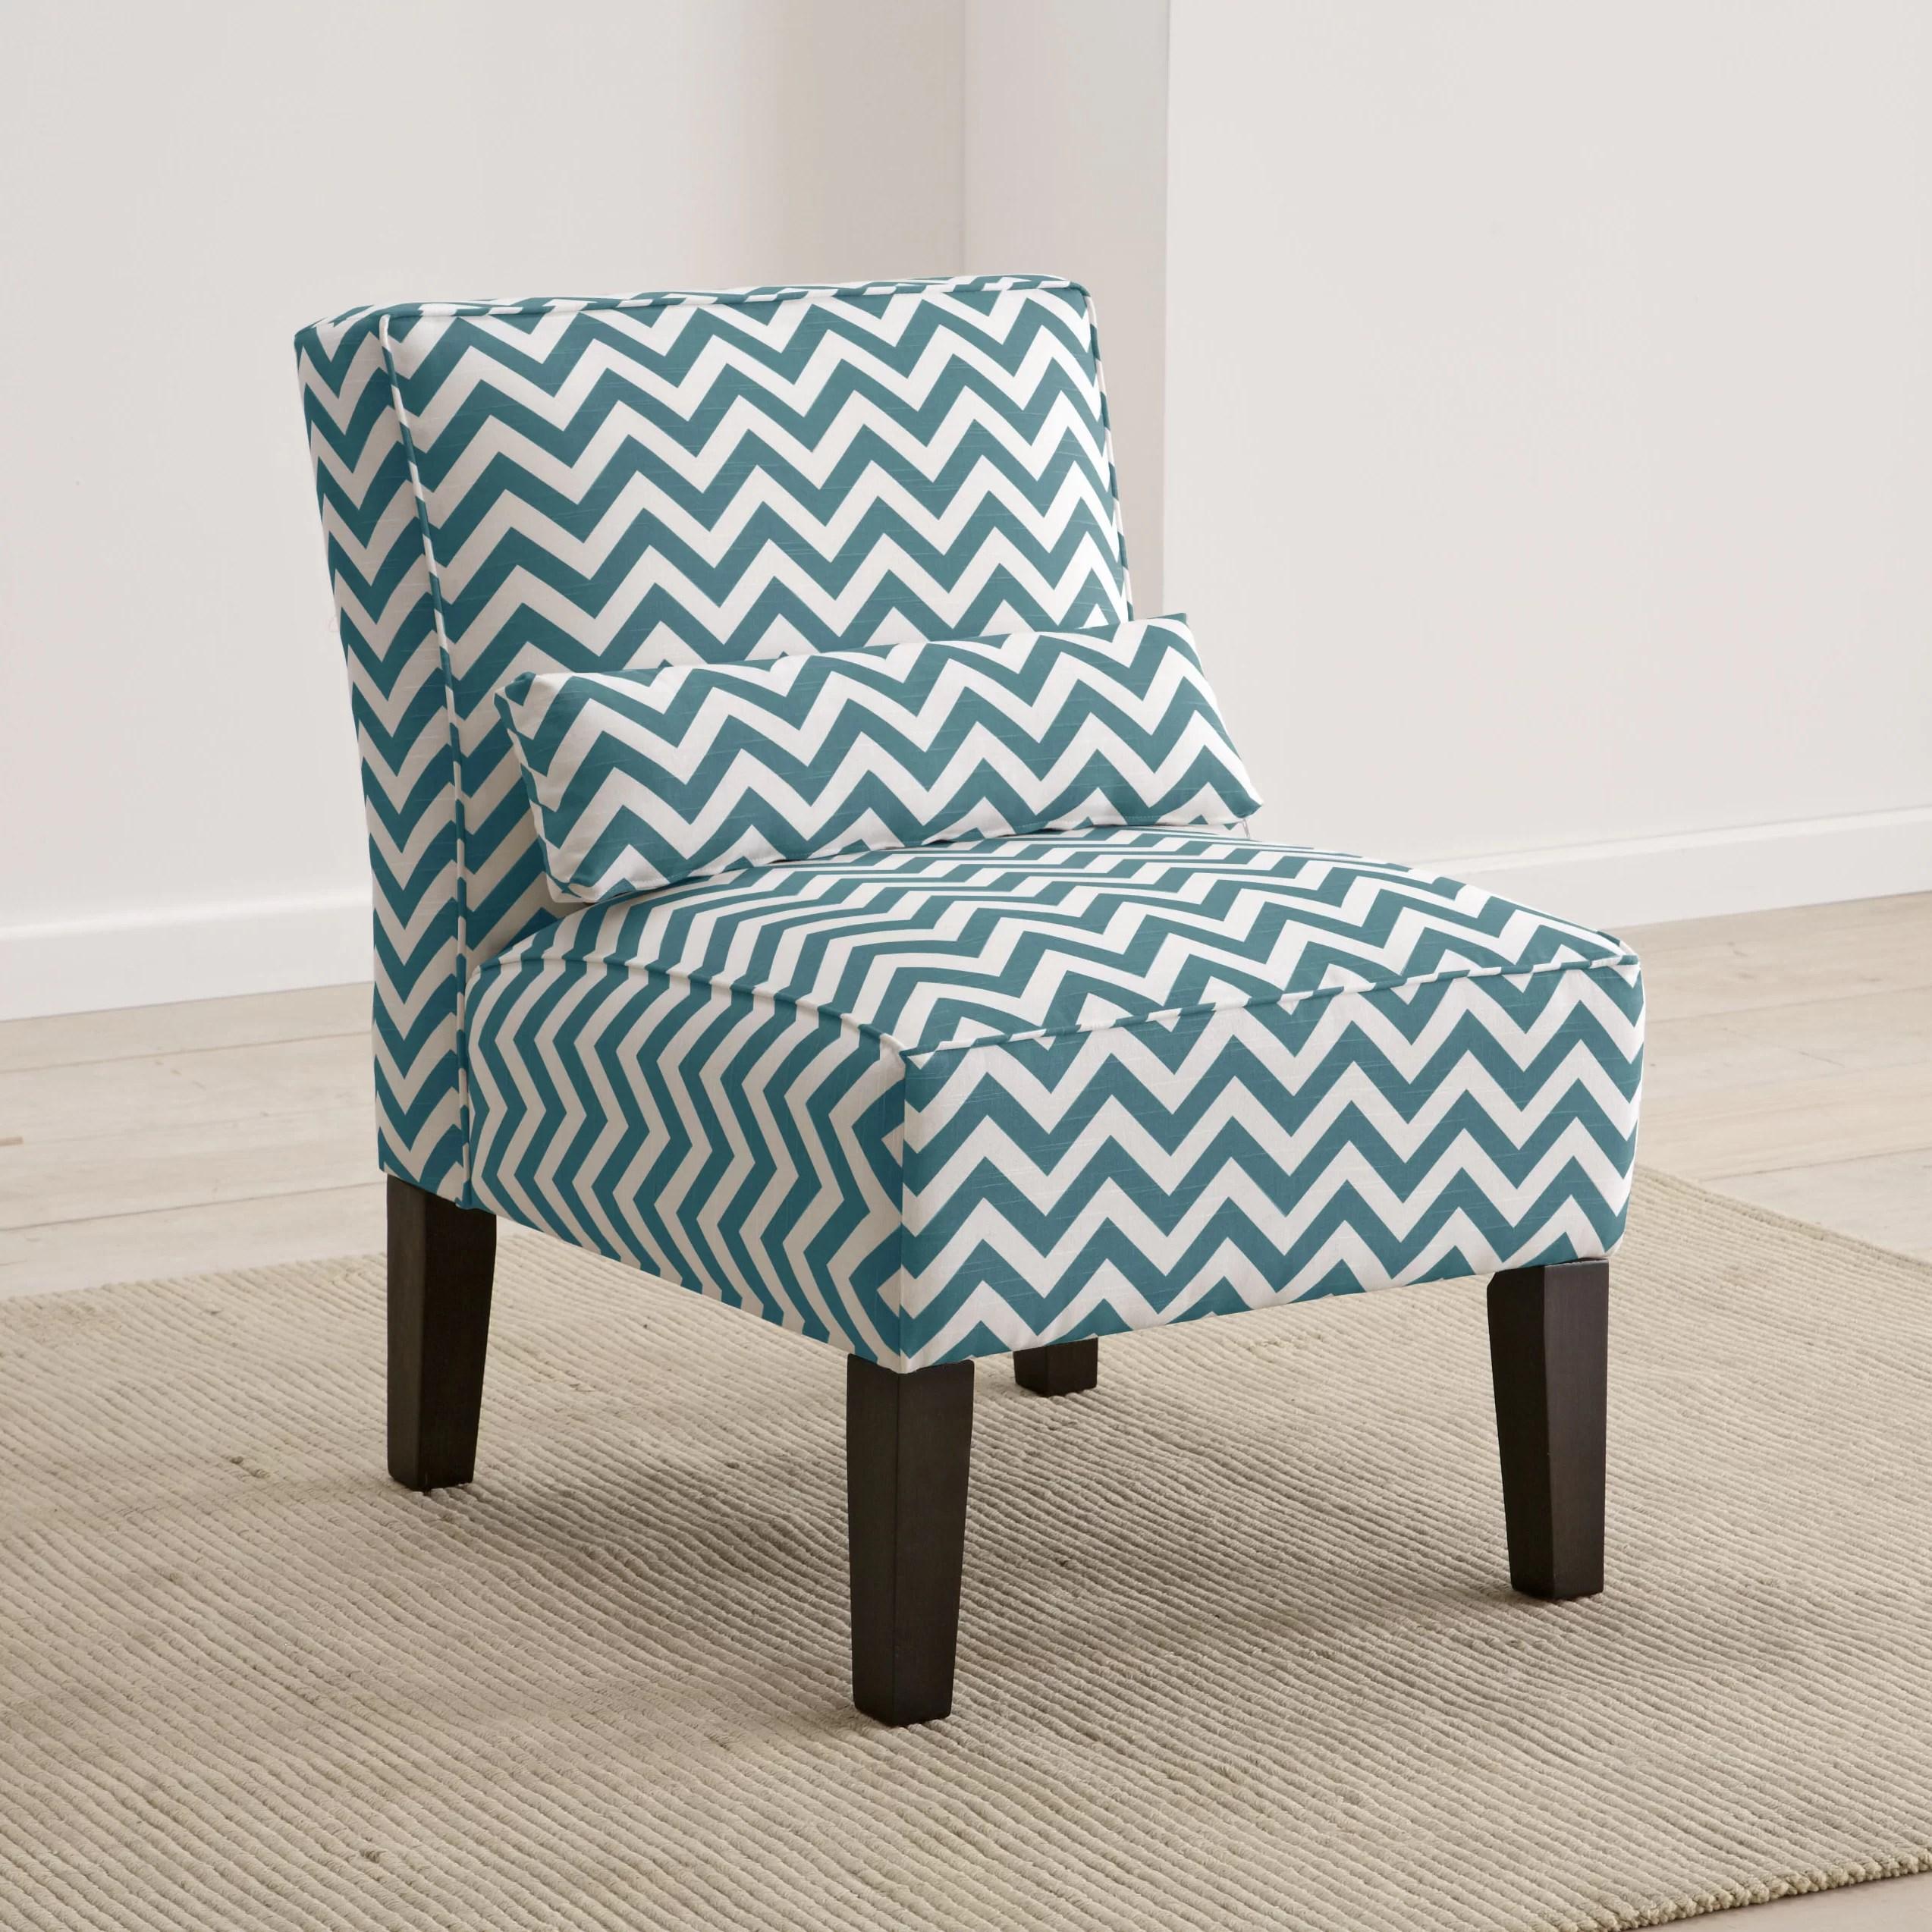 Brayden Studio Cloverdale Upholstered Slipper Chair